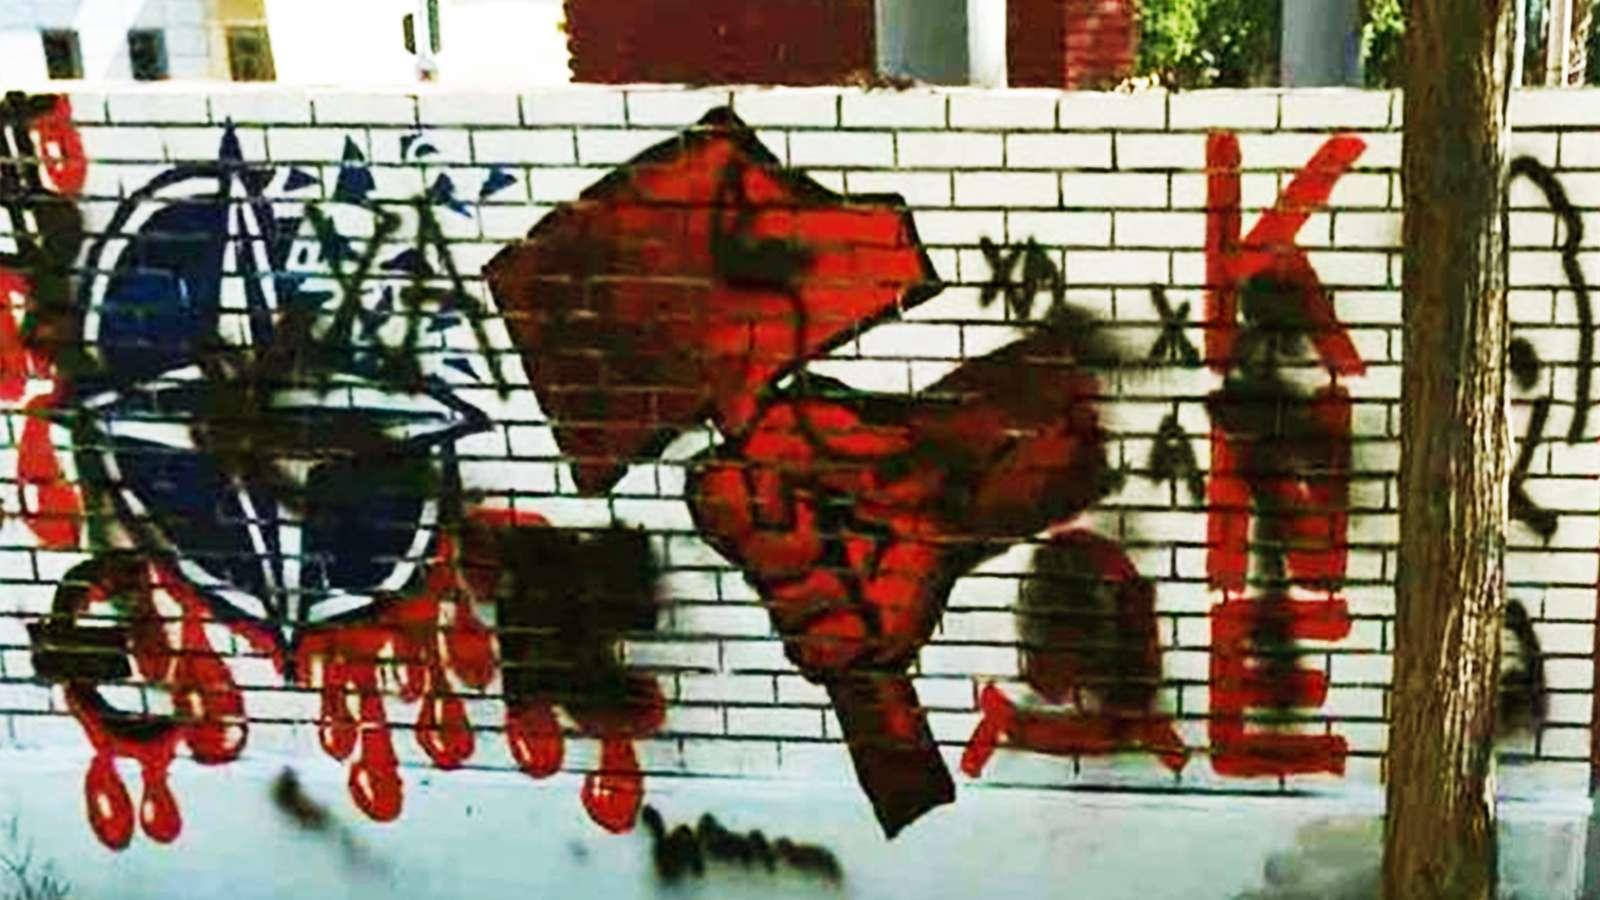 Αιγάλεω Γκράφιτι Αντιμπεριαλιστικό 2ήμερο ΚΝΕ φασίστες